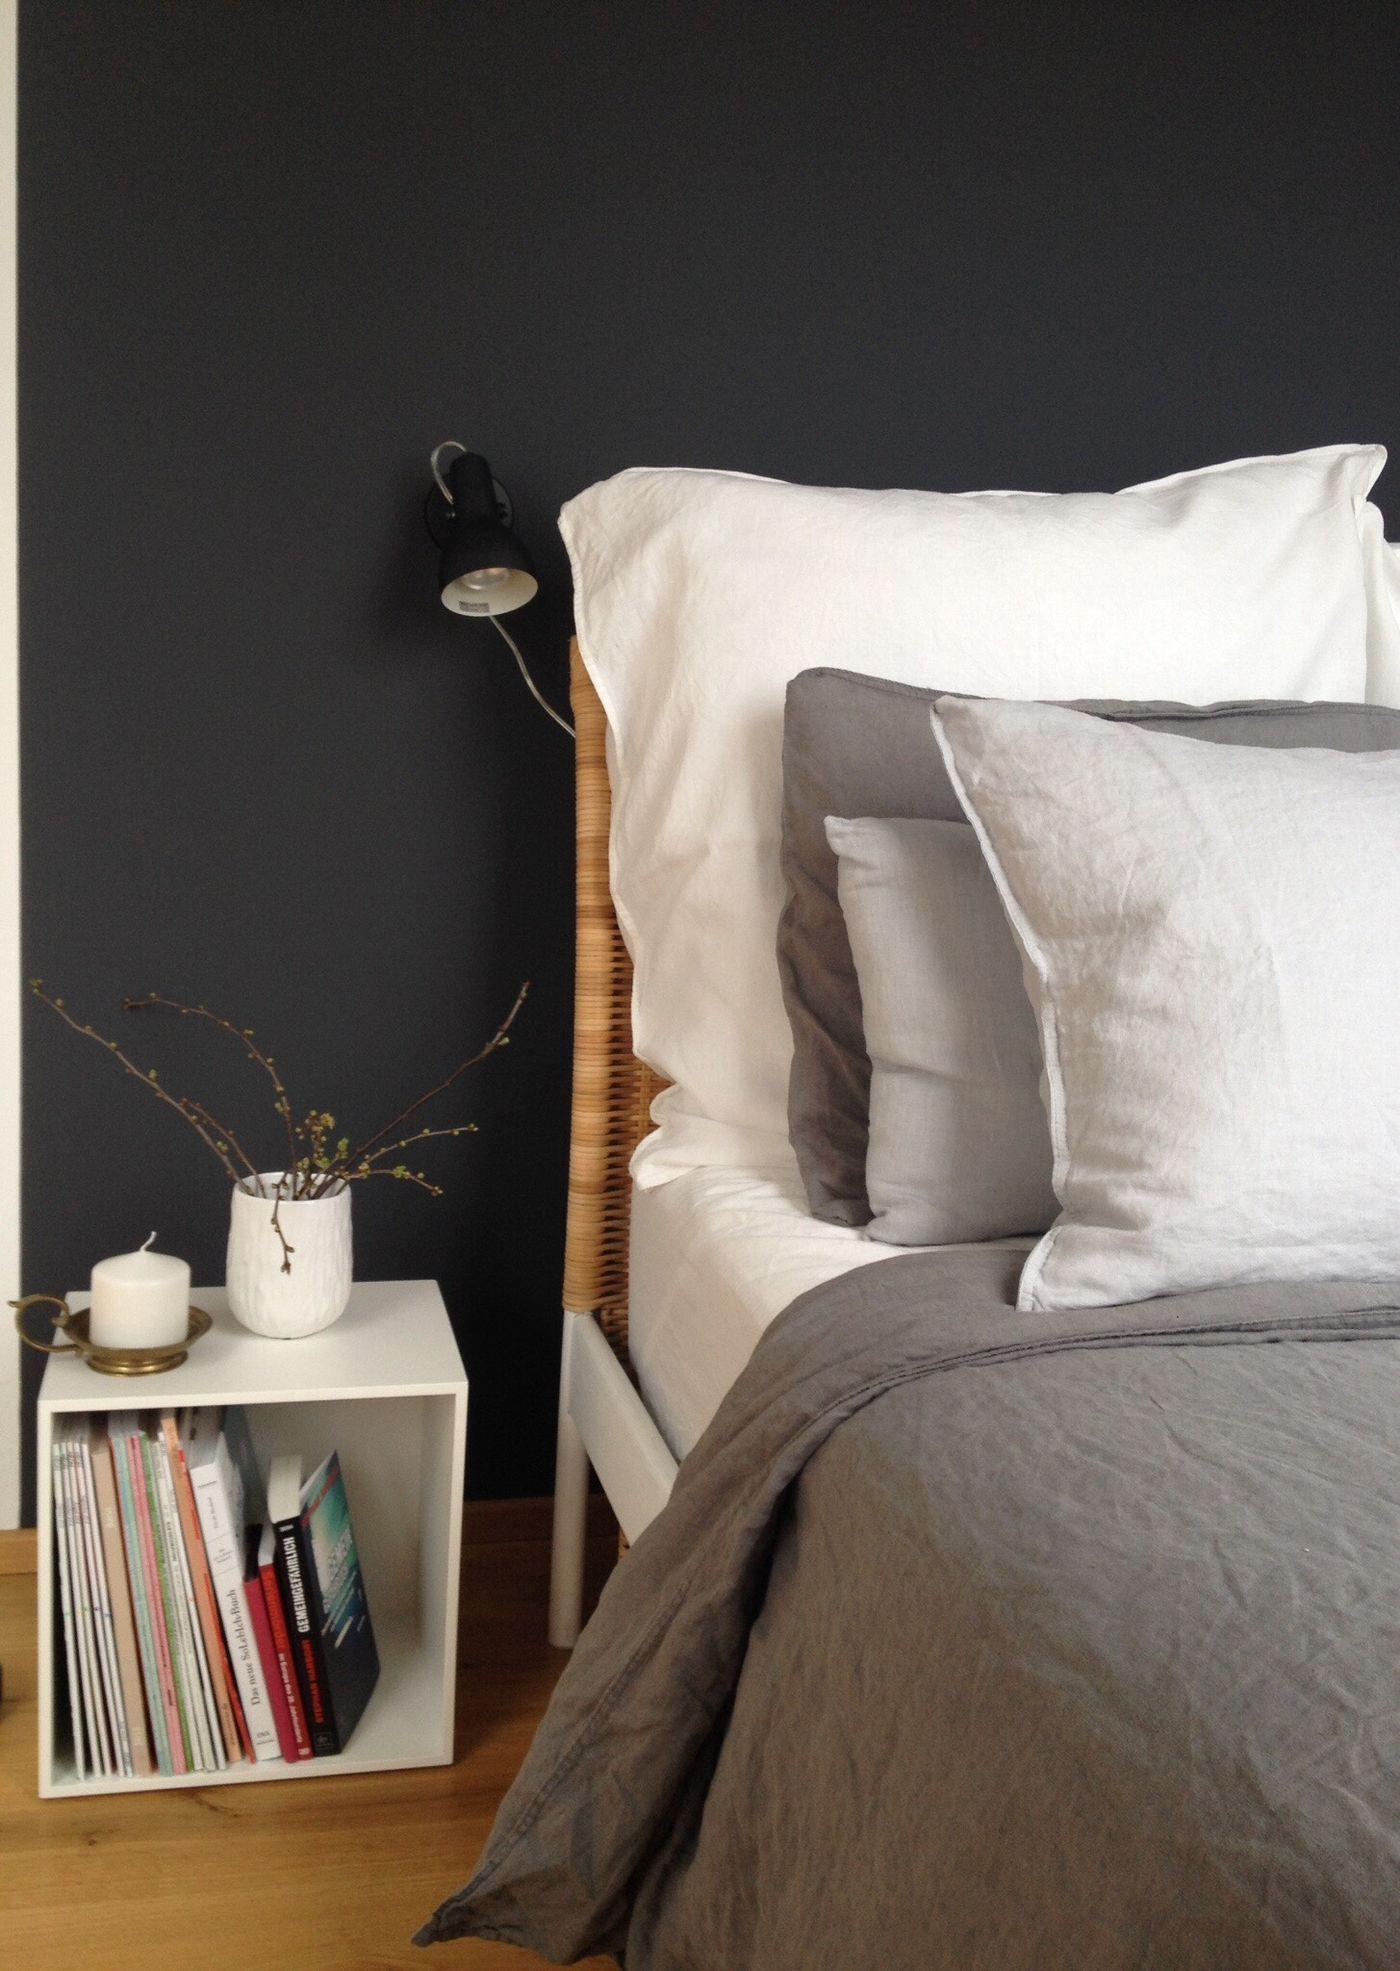 Die besten Schlafzimmer Deko Ideen - Seite 2